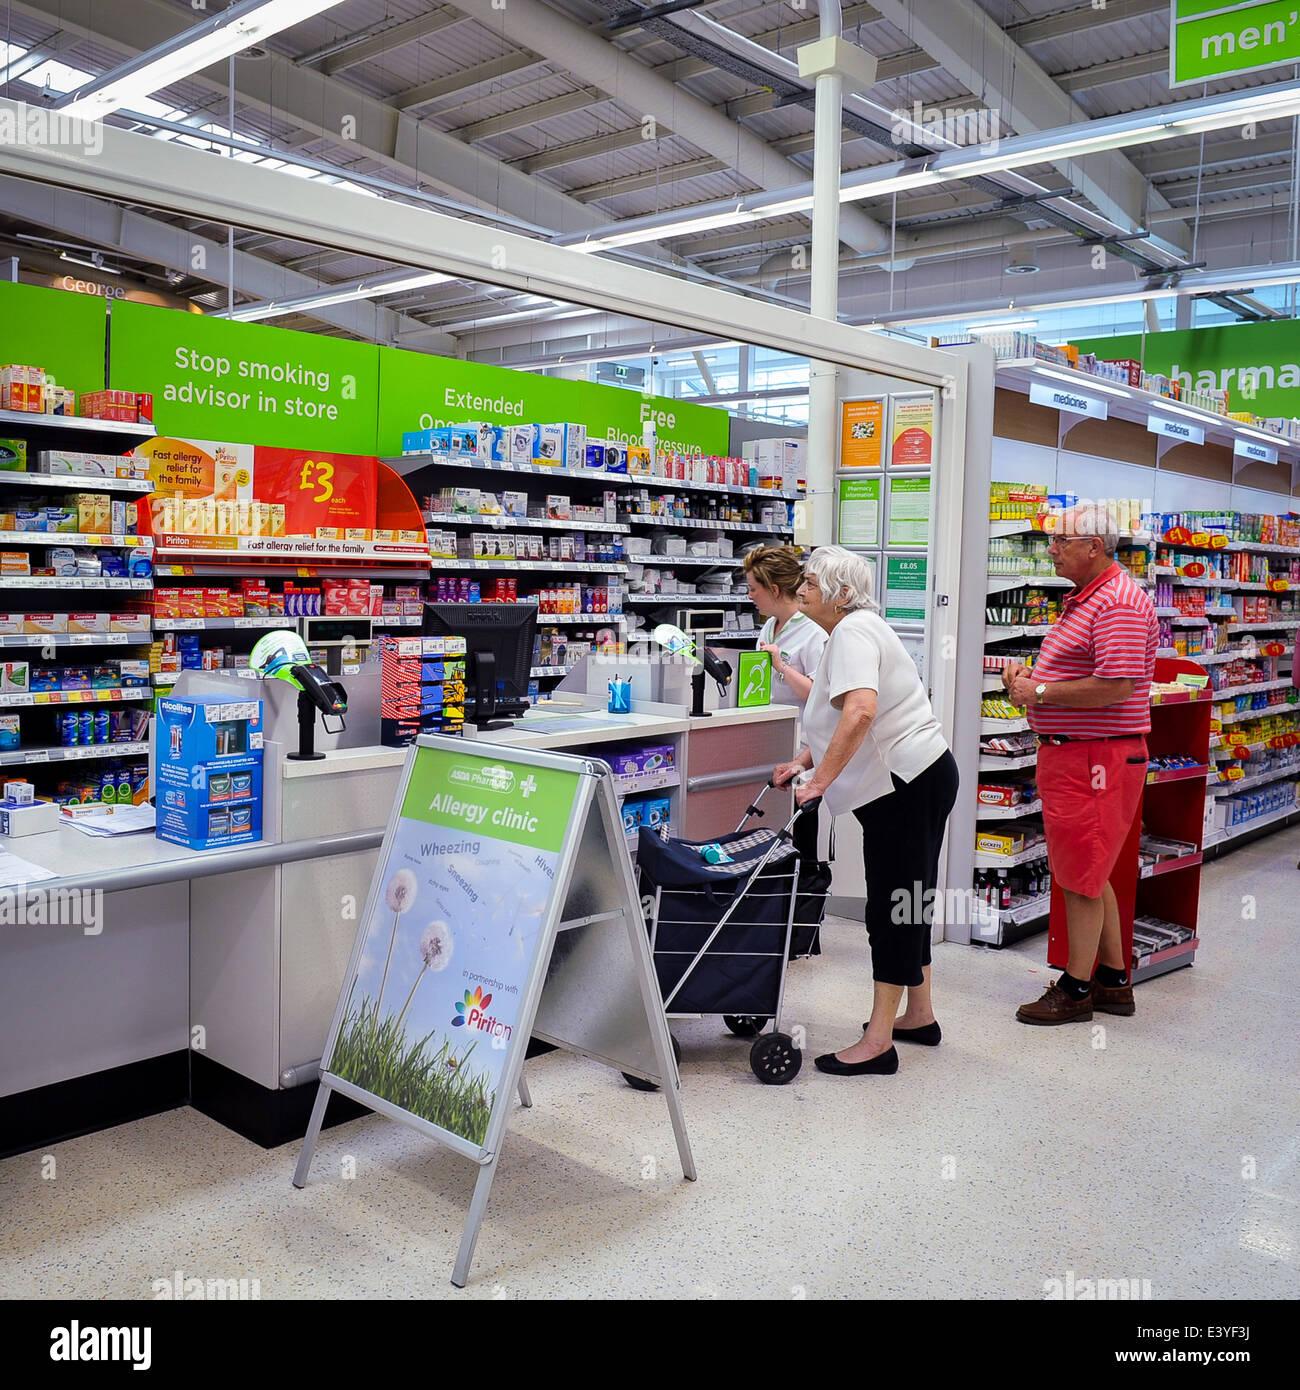 pharmacy in ASDA supermarket, UK - Stock Image